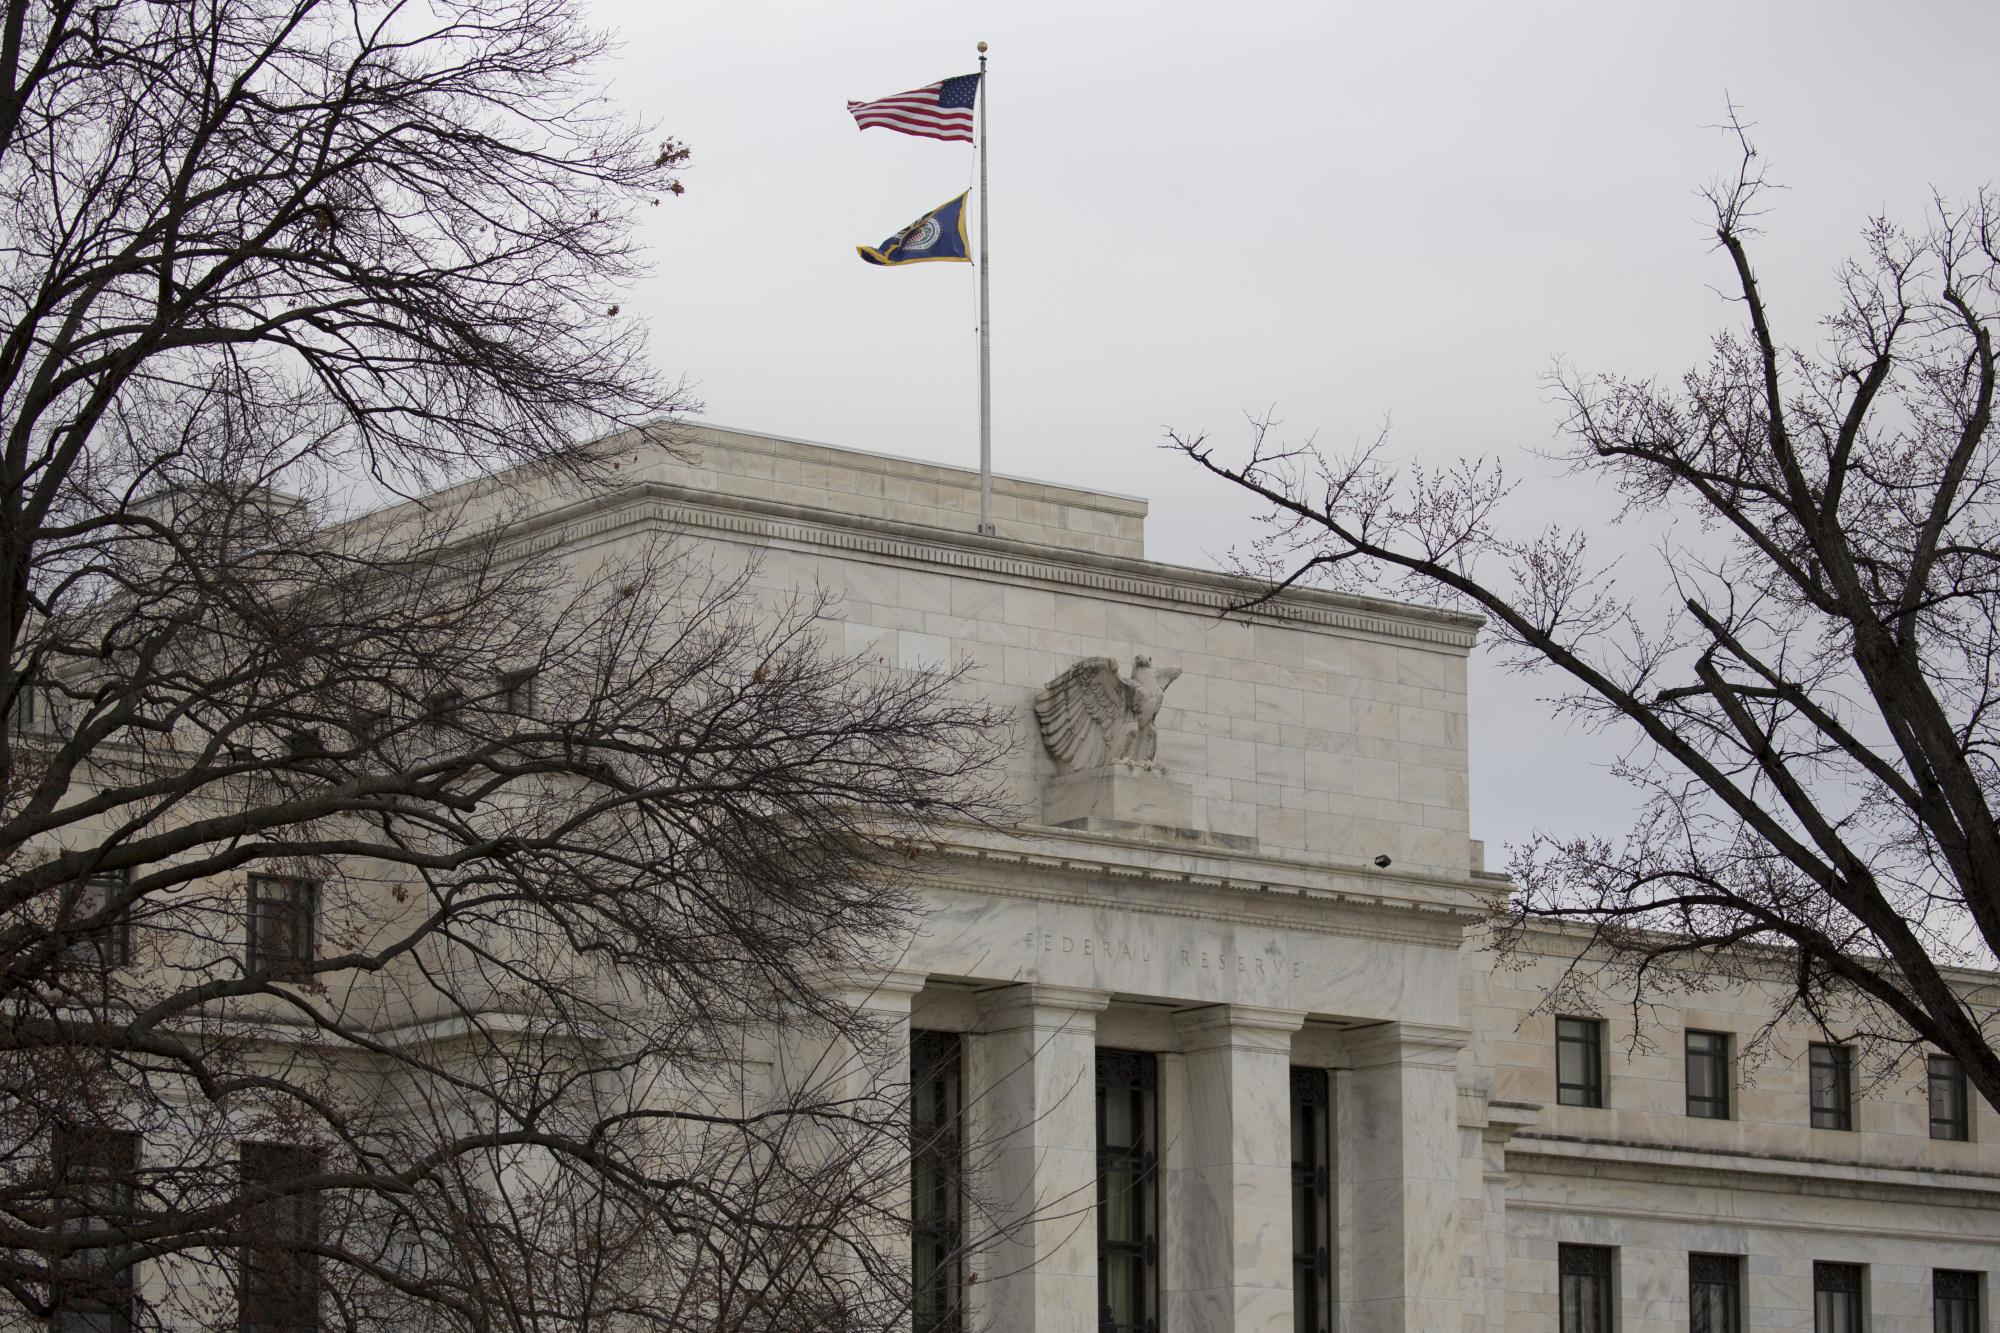 美联储9月会议纪要:对政策前景仍存严重分歧 讨论了再度扩表